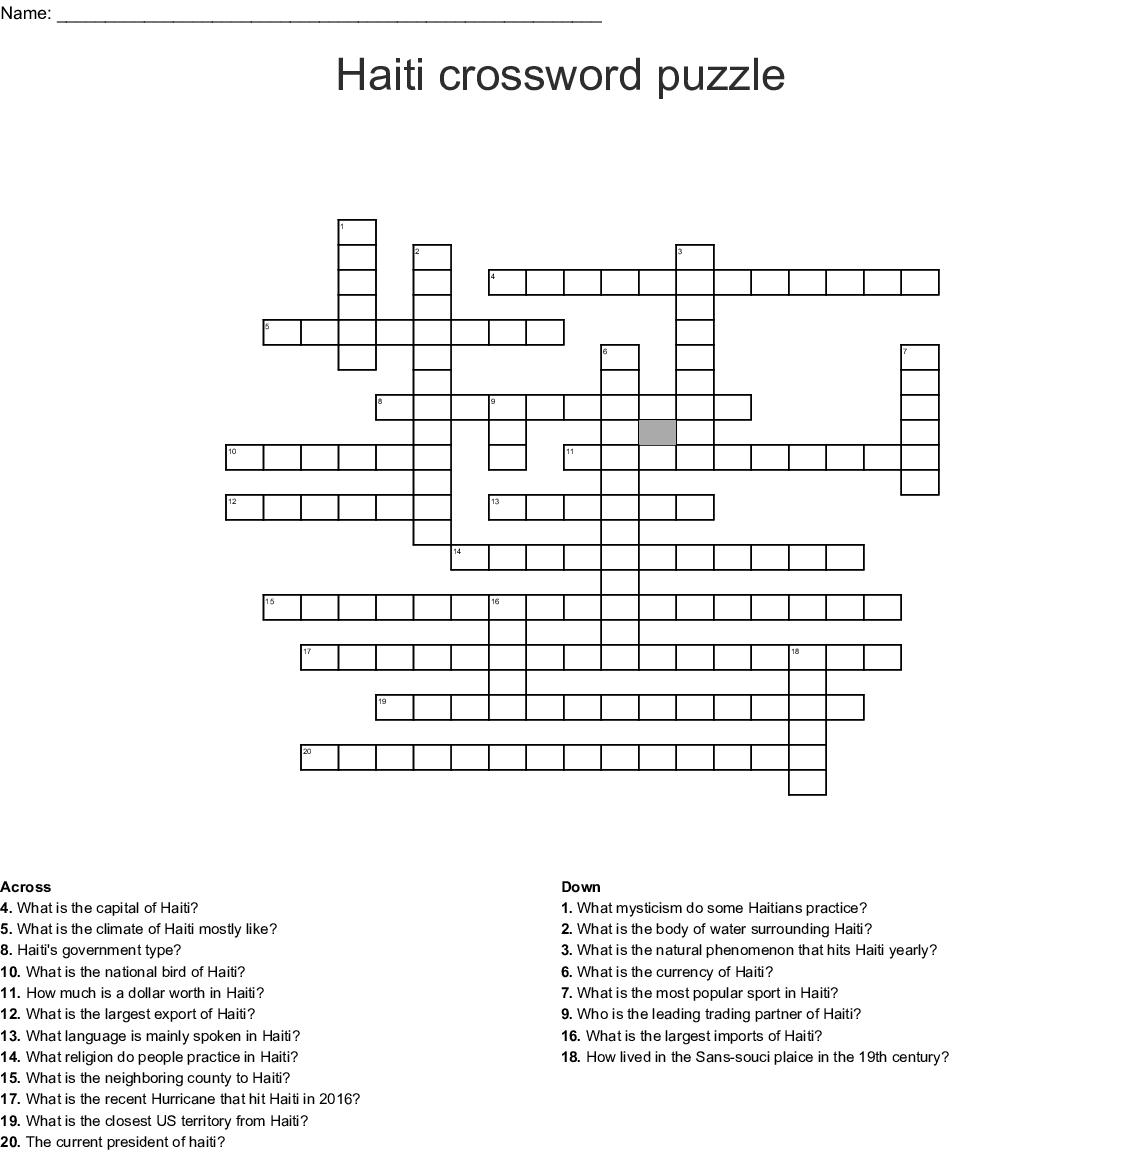 Haiti Crossword Puzzle